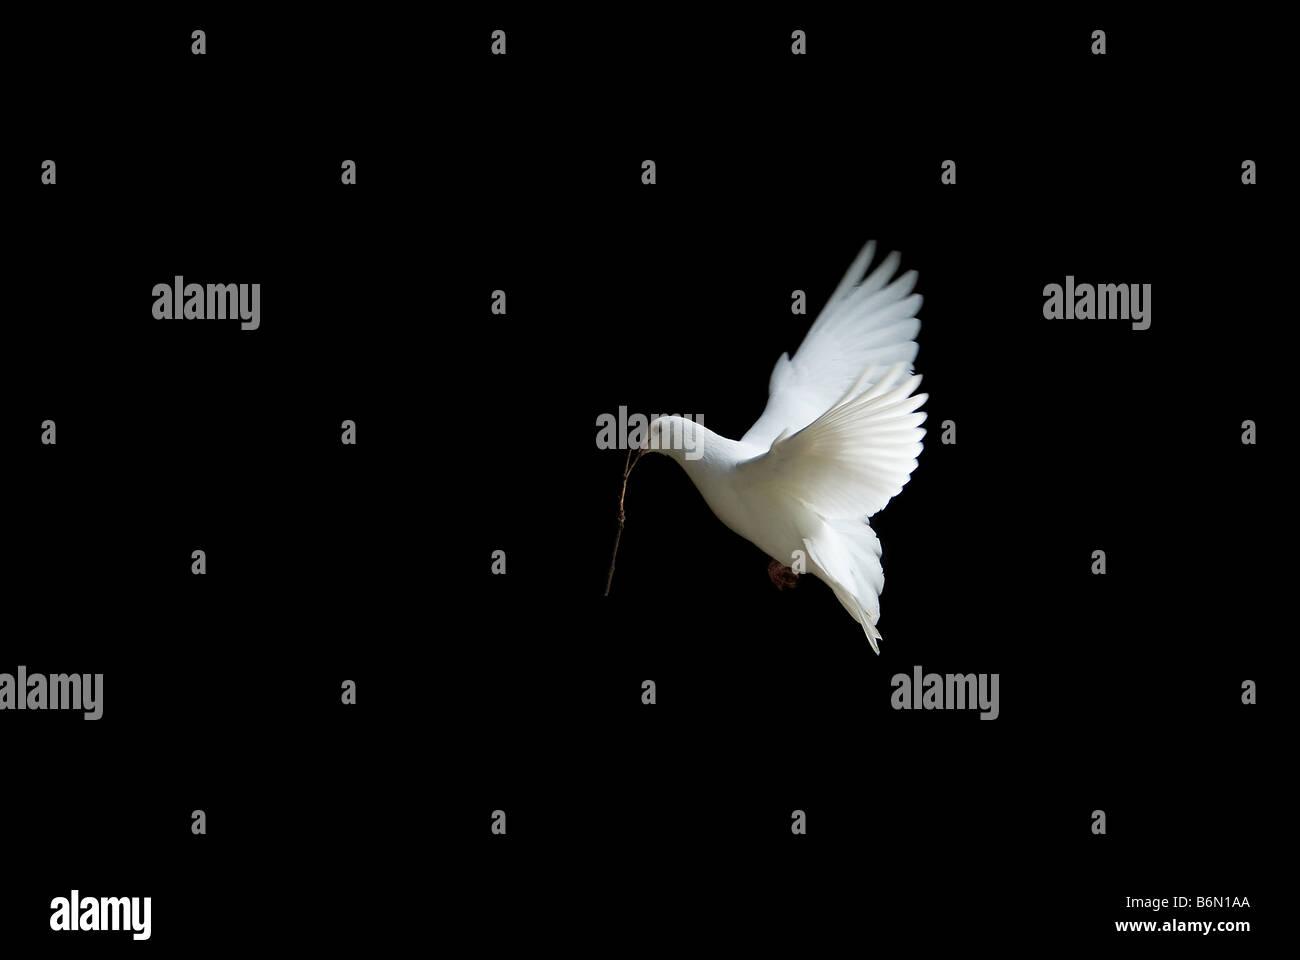 Belle colombe blanche en vol tenant une petite branche pour construire un nid au printemps Photo Stock